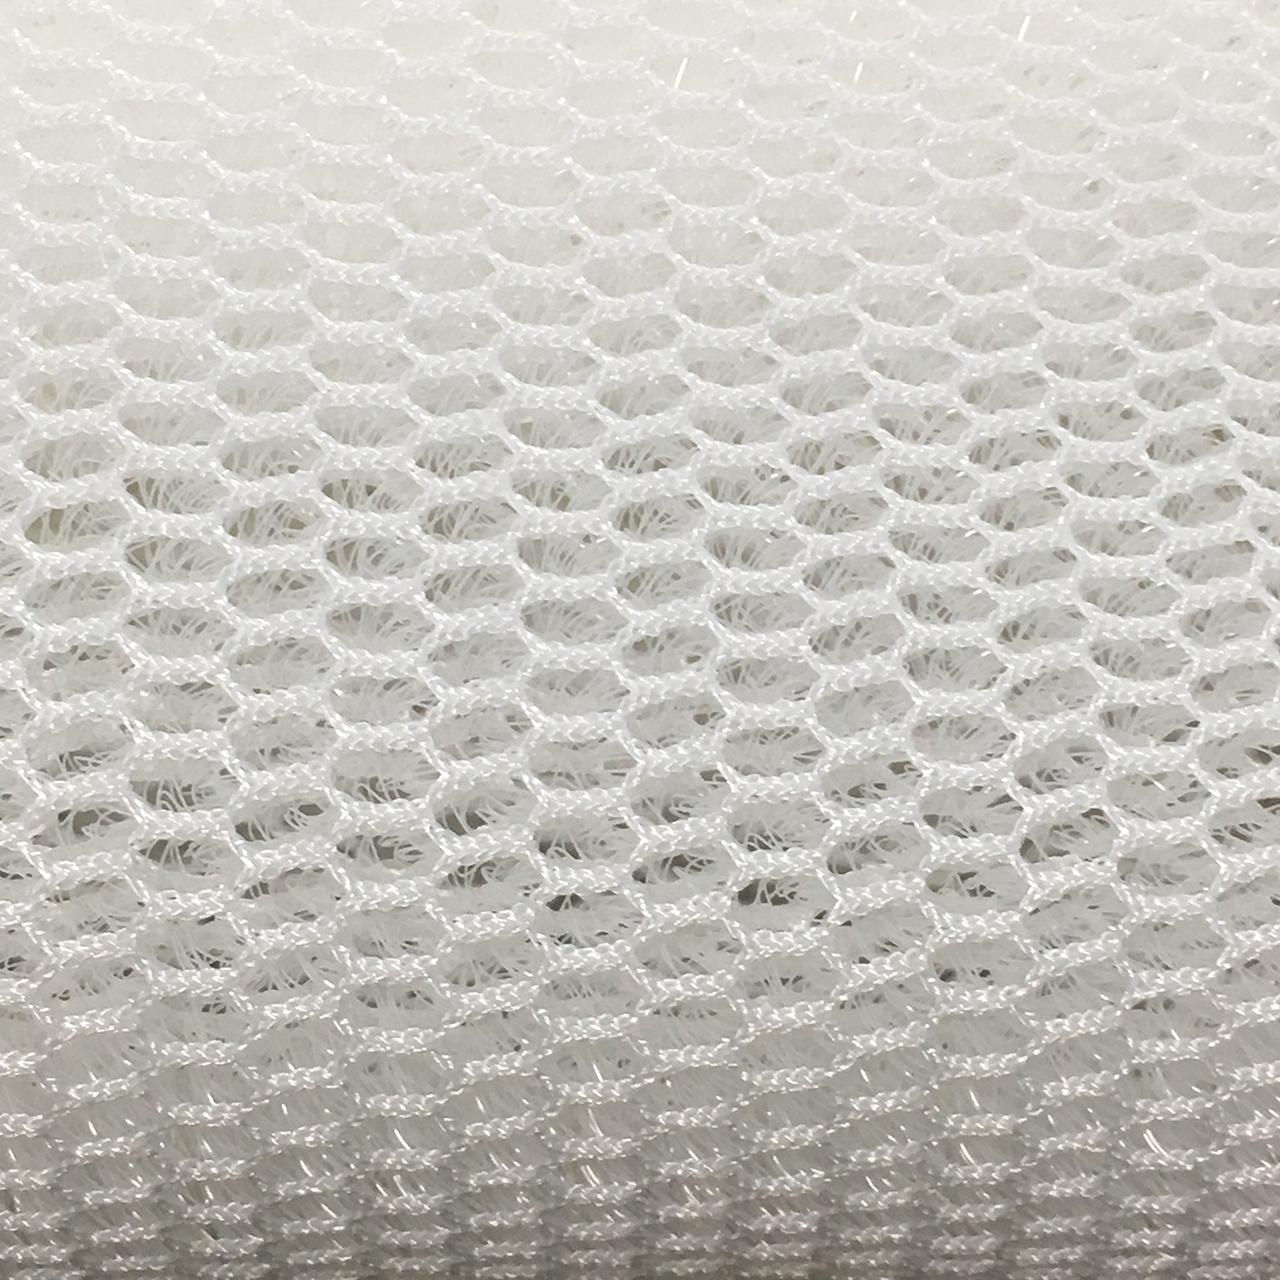 寝ると腰が痛いのでハニカム構造の敷きパッド、『スリープメディカル』を買ってみた